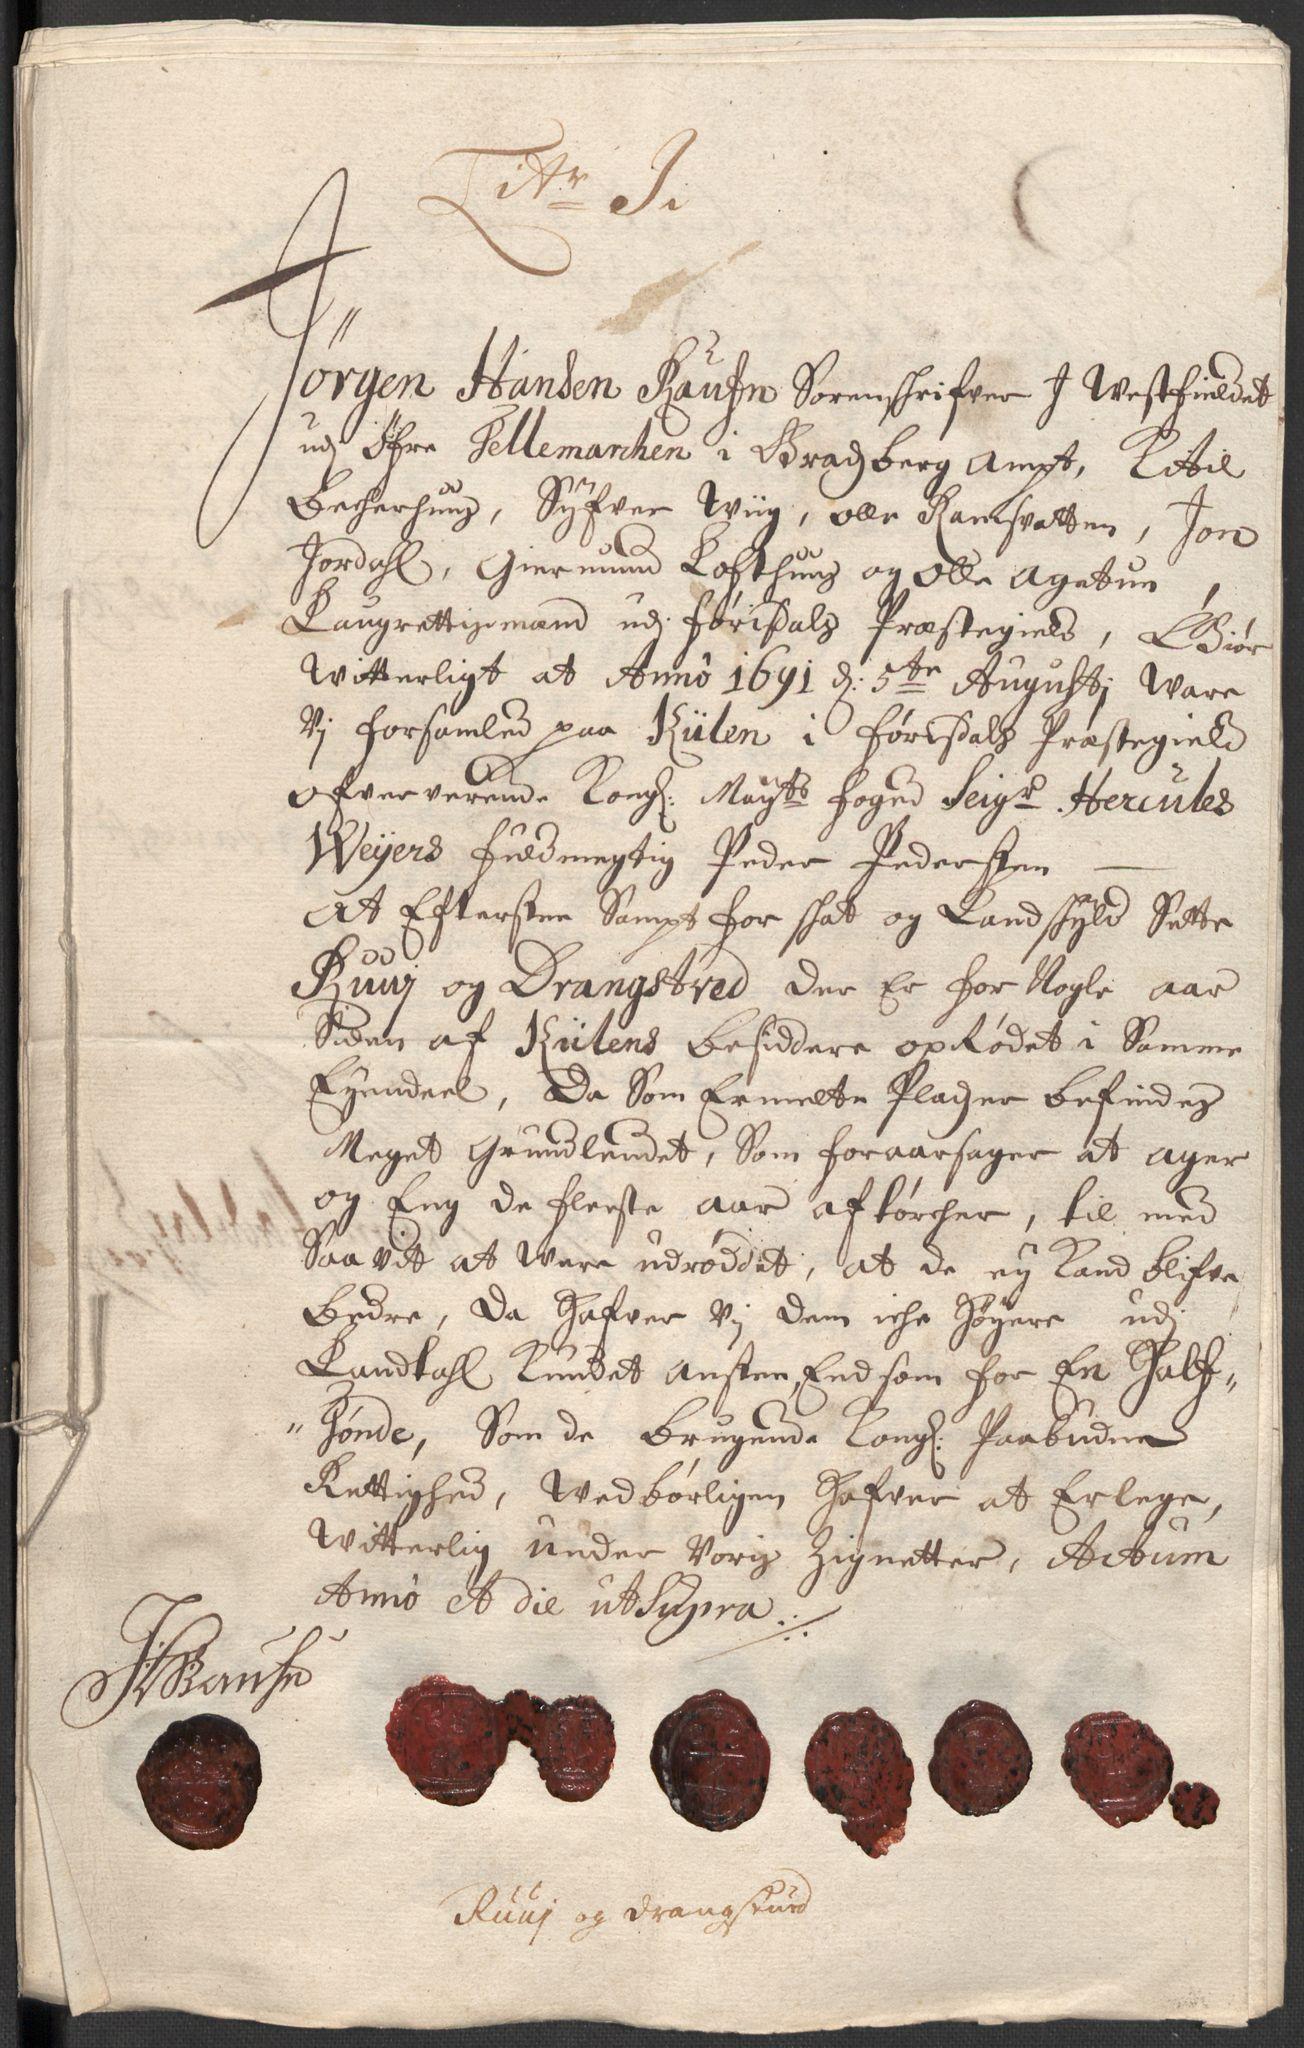 RA, Rentekammeret inntil 1814, Reviderte regnskaper, Fogderegnskap, R35/L2089: Fogderegnskap Øvre og Nedre Telemark, 1690-1692, s. 163